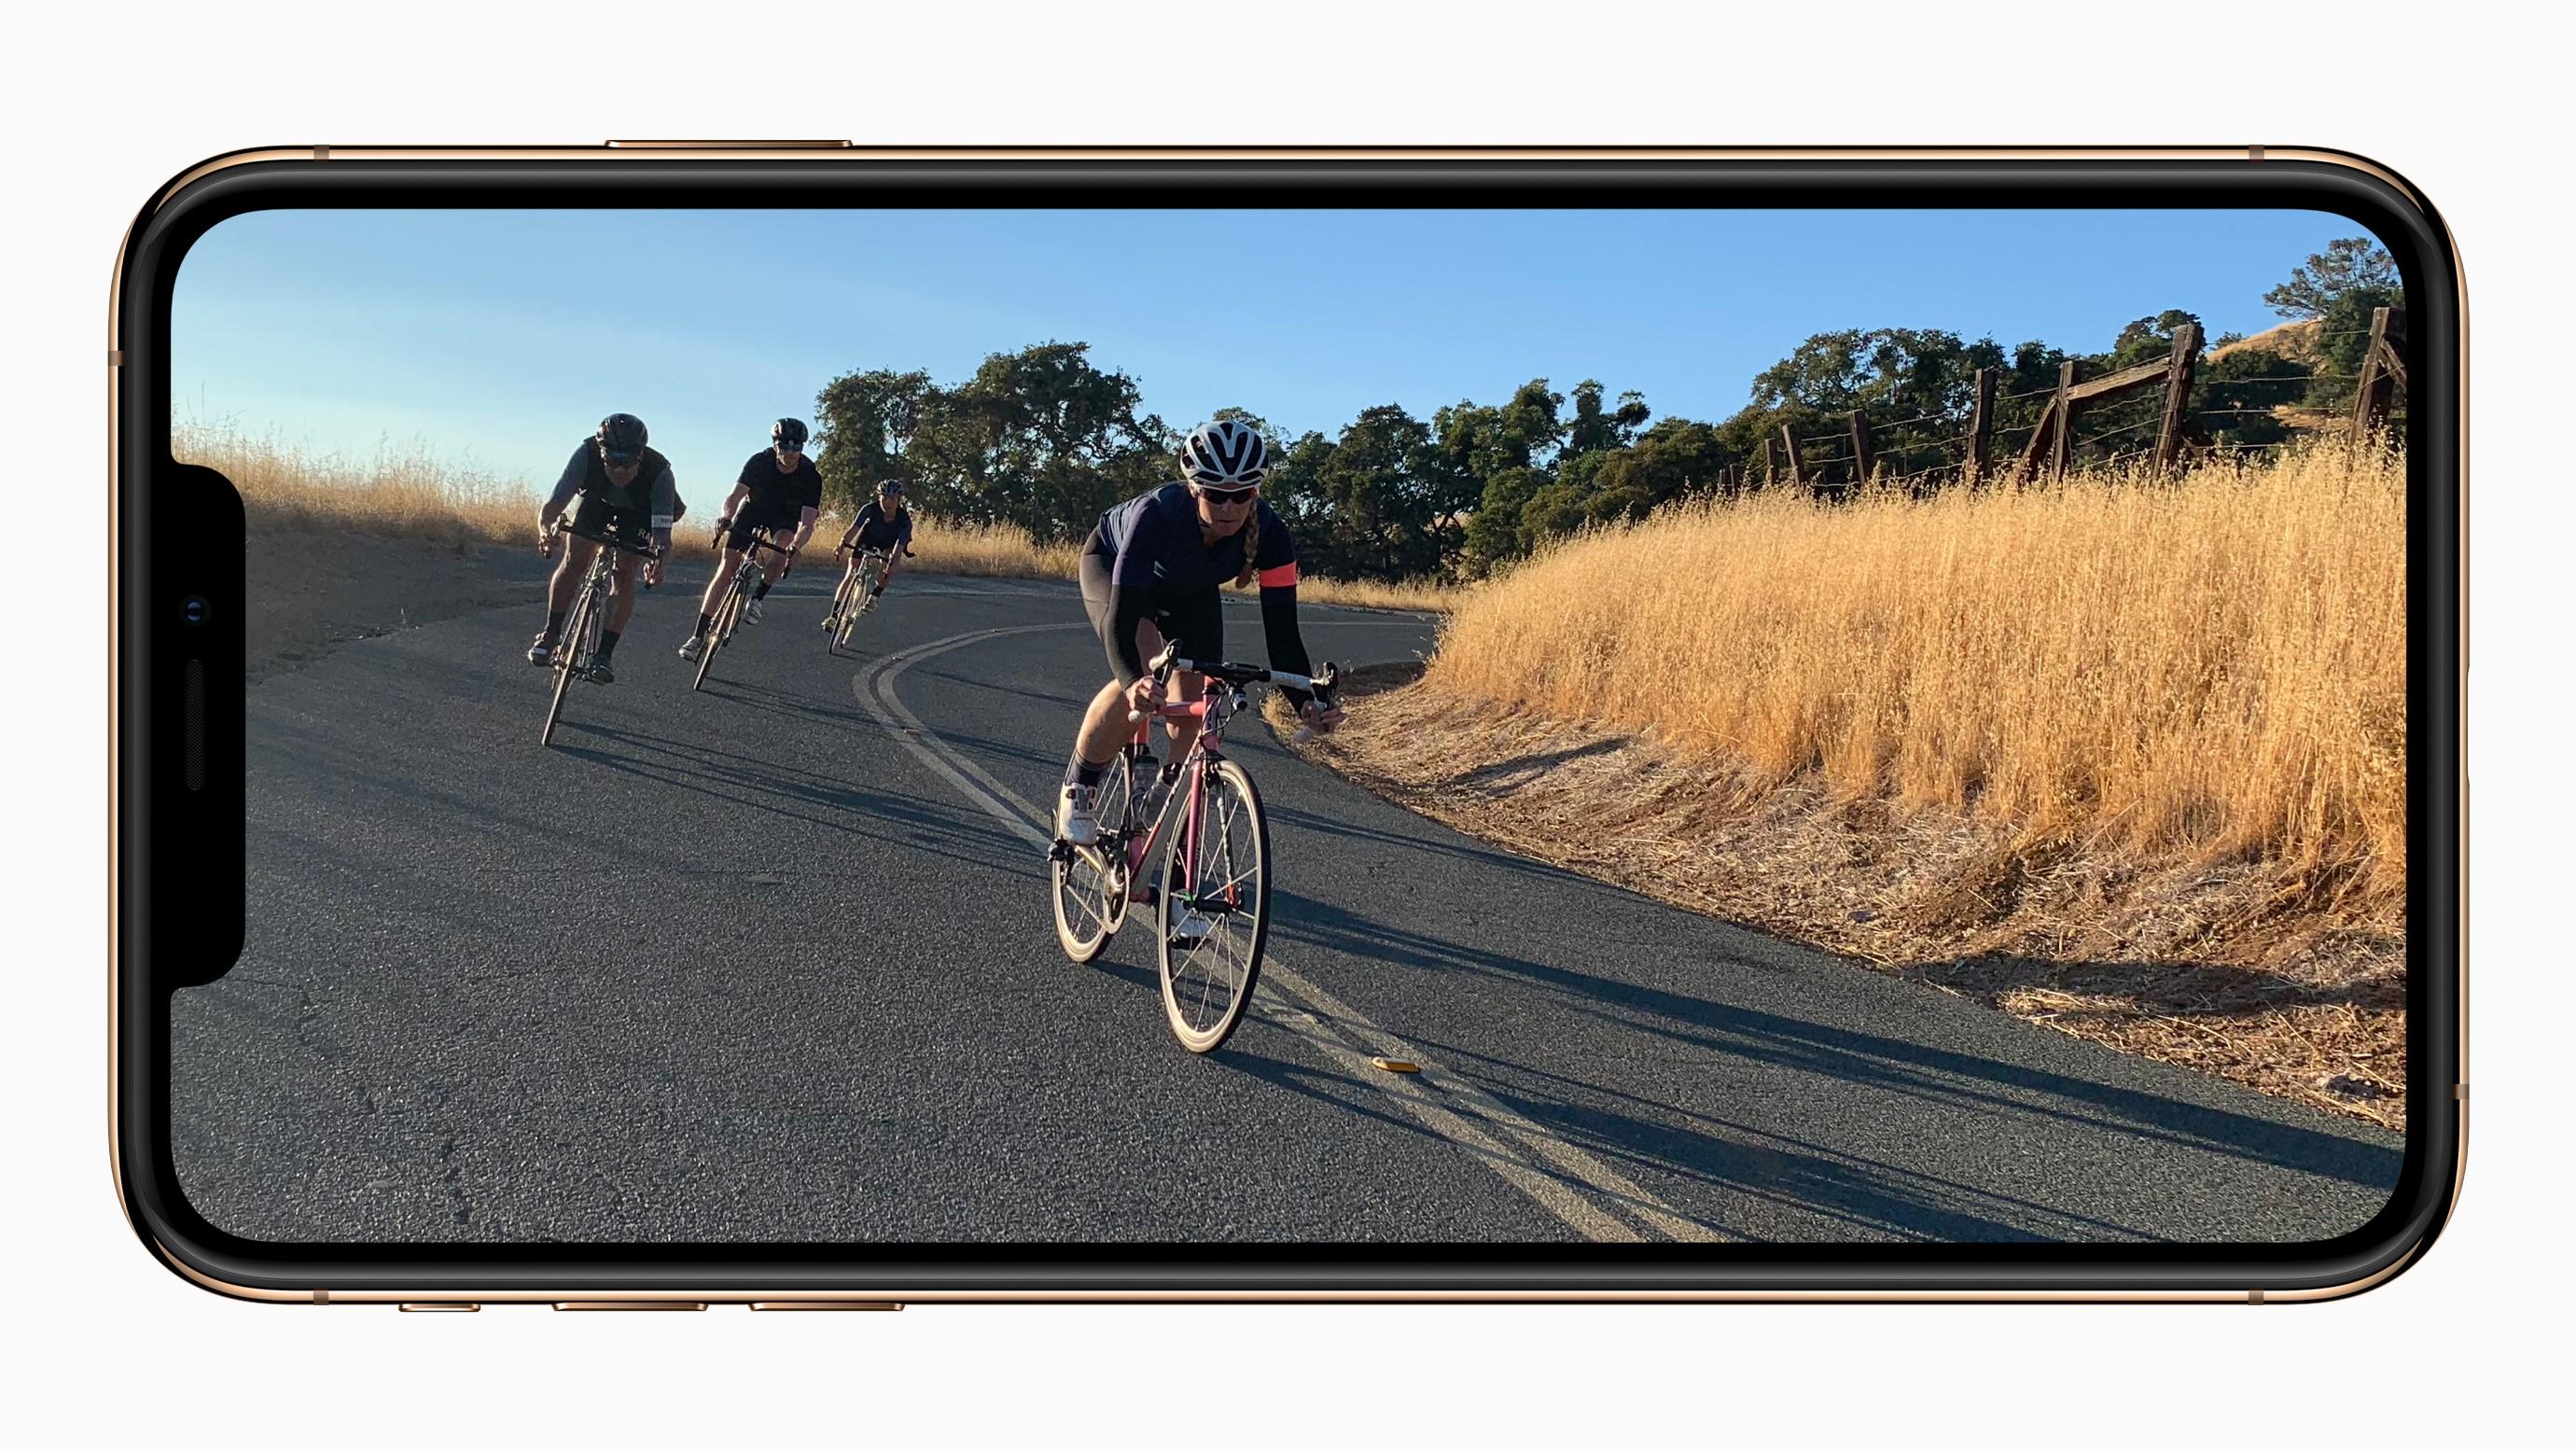 iPhone XS-brukere sliter med dårlig Wi-Fi- og 4G-tilkobling.